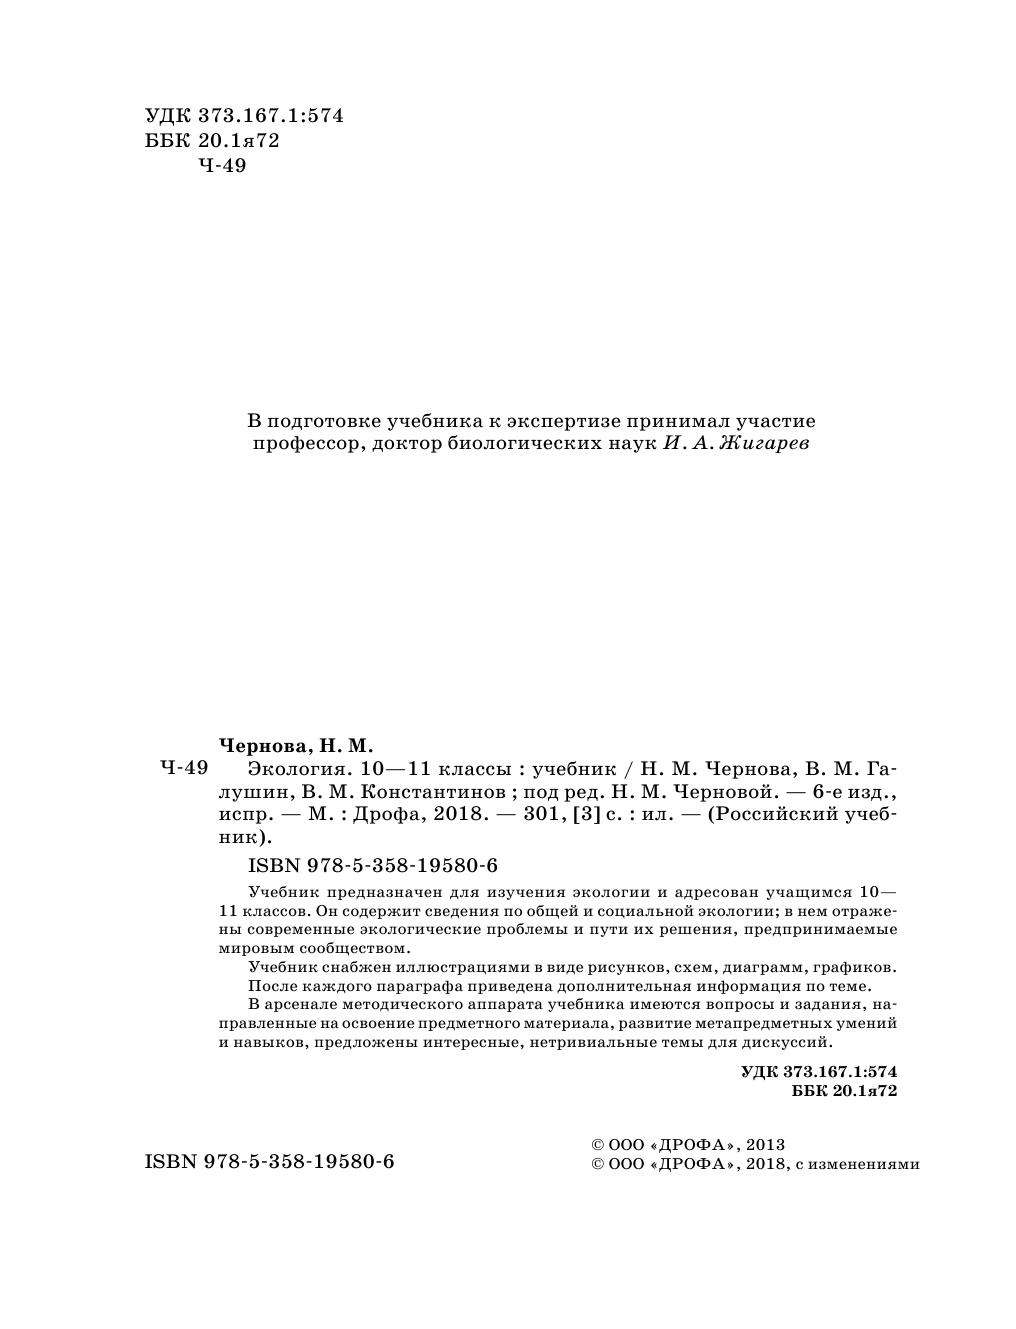 Гдз по экологии авторын.м.чернова, в.м.галушин, в.м.константинов 11 класс